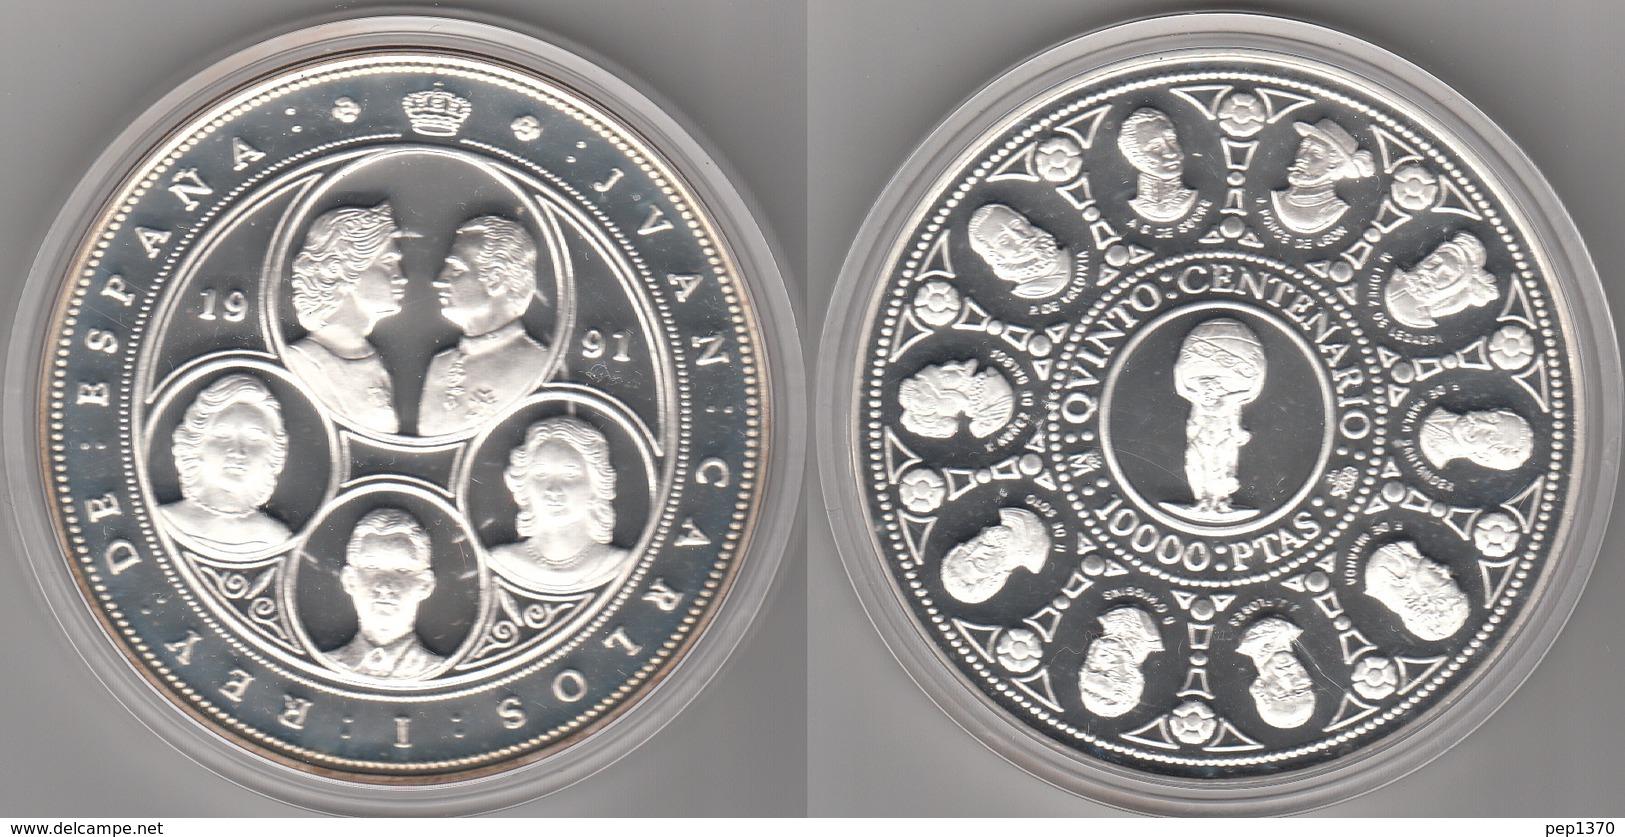 Spain Spanien Espagne Espana  EUROSET 1c-2e year 2006   8 coins  UNC